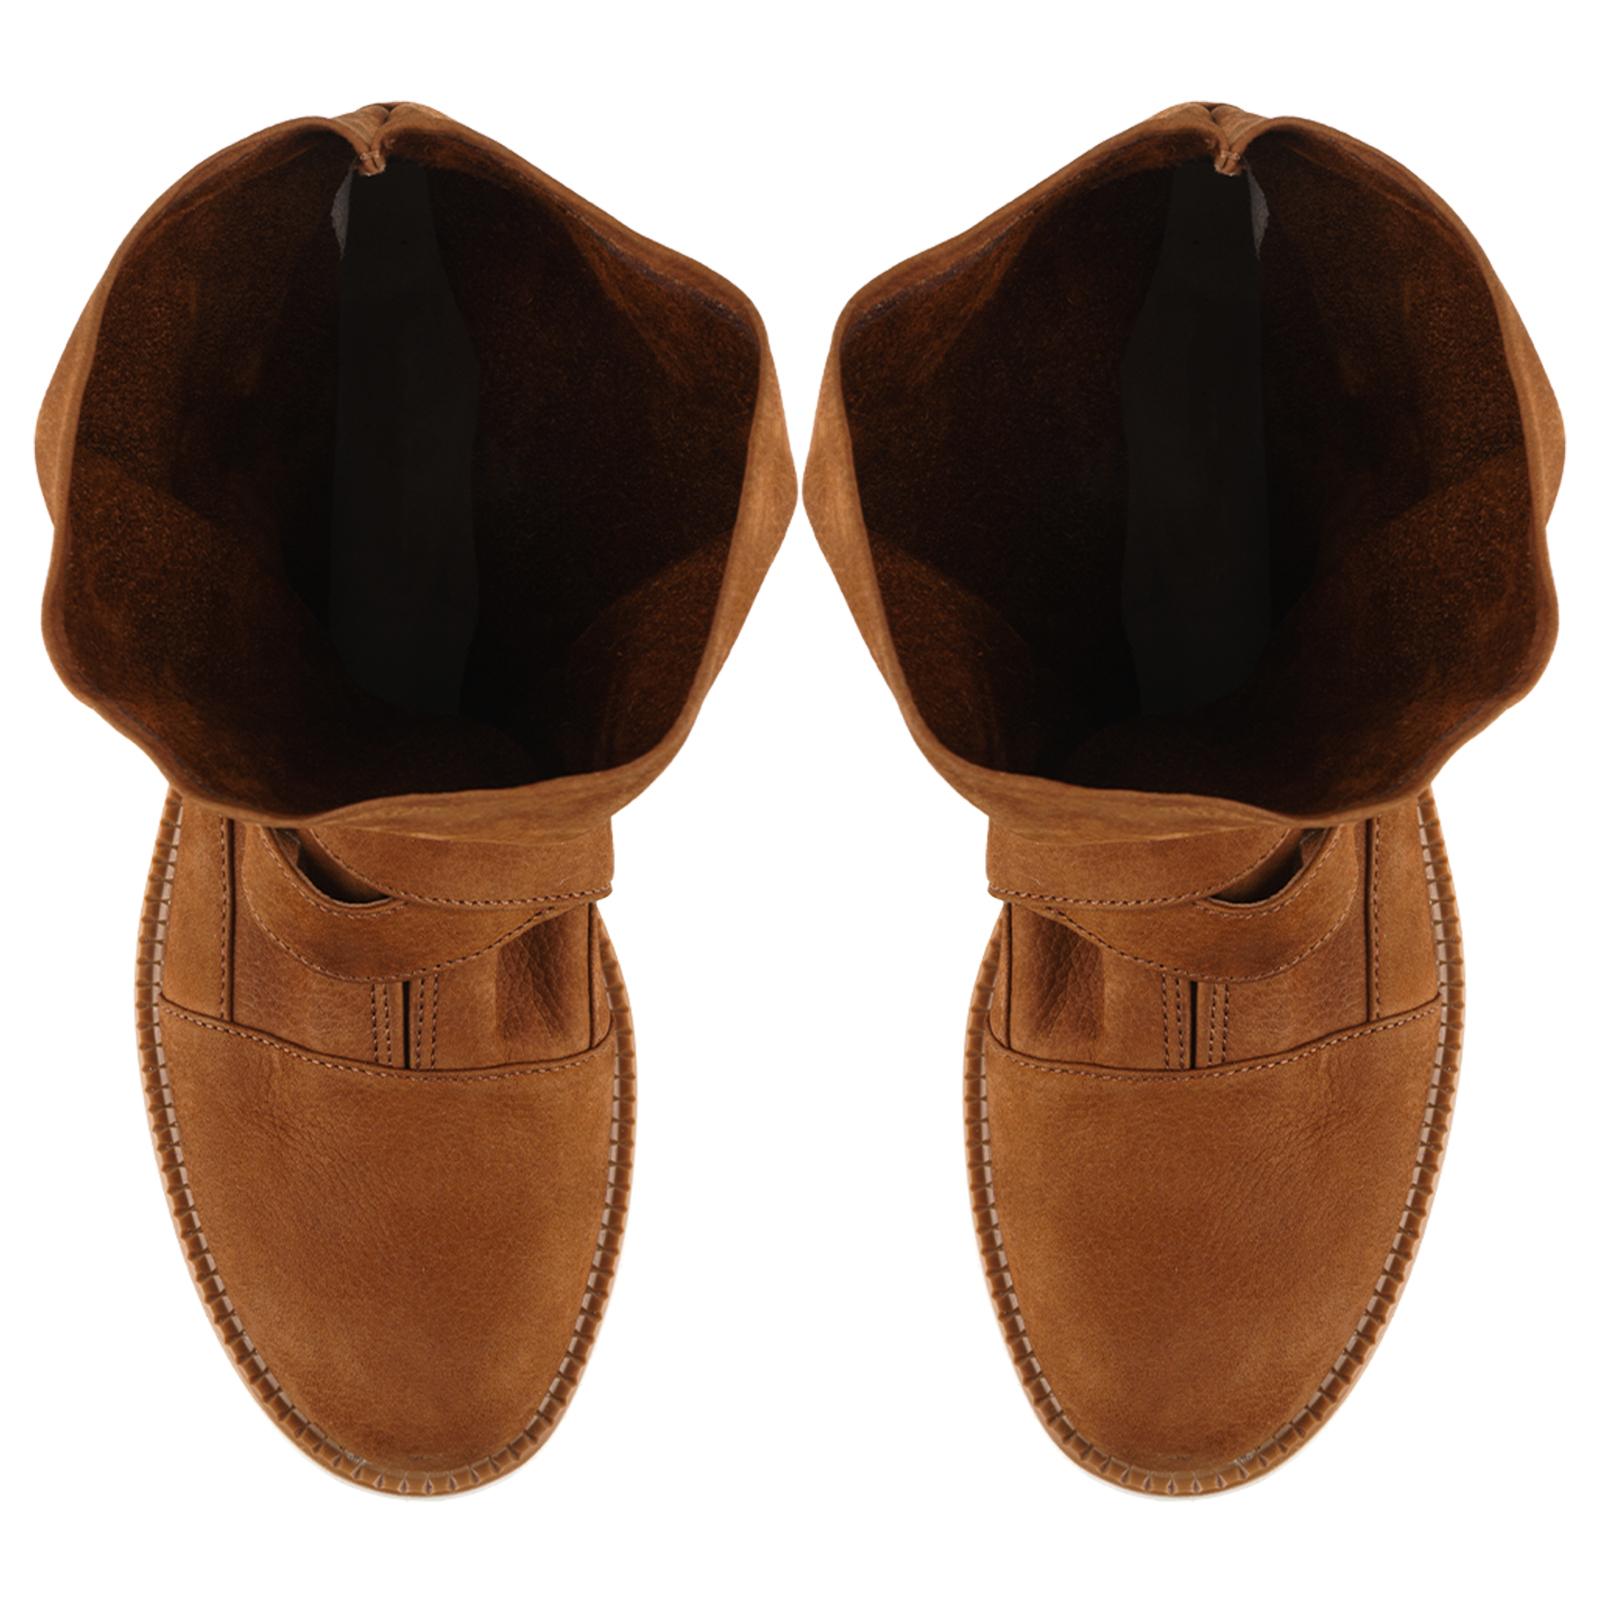 Ботинки для женщин Ботинки Вера-2 нубуковые коньячного цвета 100164 смотреть, 2017